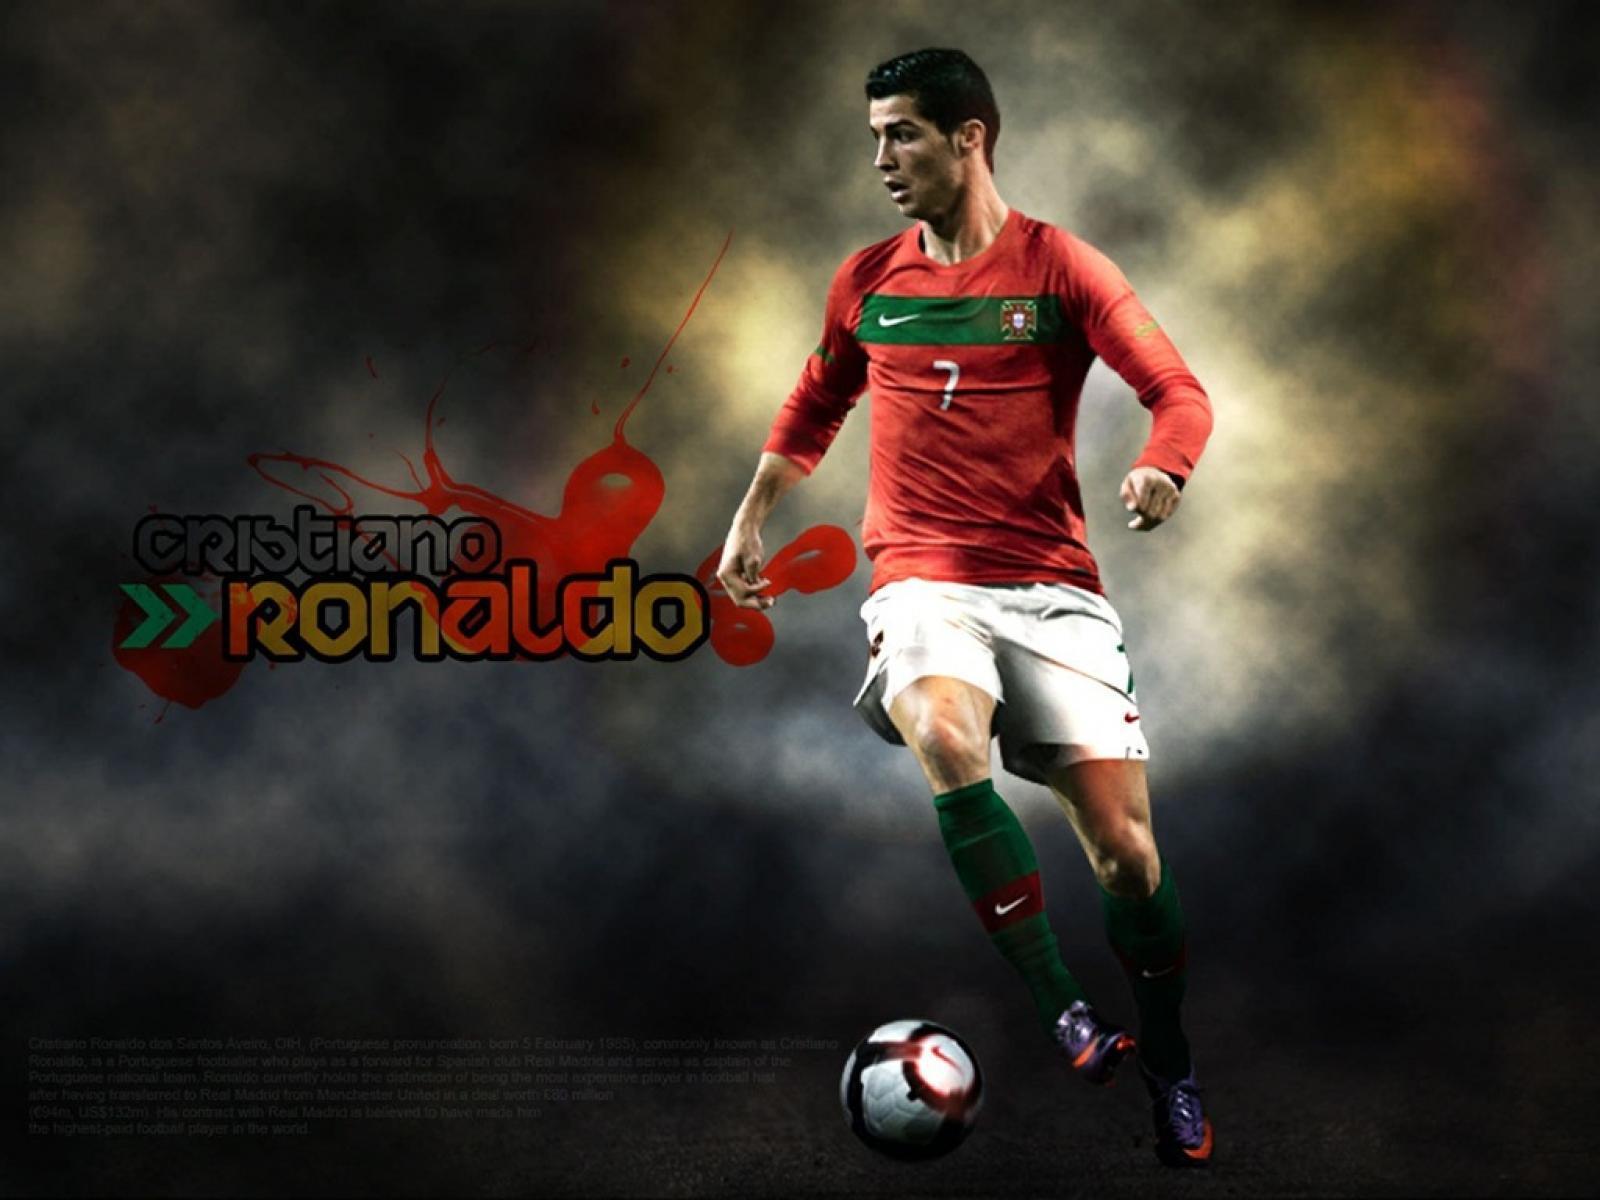 Cristiano Ronaldo HD Wallpapers Cristiano Ronaldo HD Nike Wallpapers,Cristiano Ronaldo CR 7 Football kick HD Wallpaper.